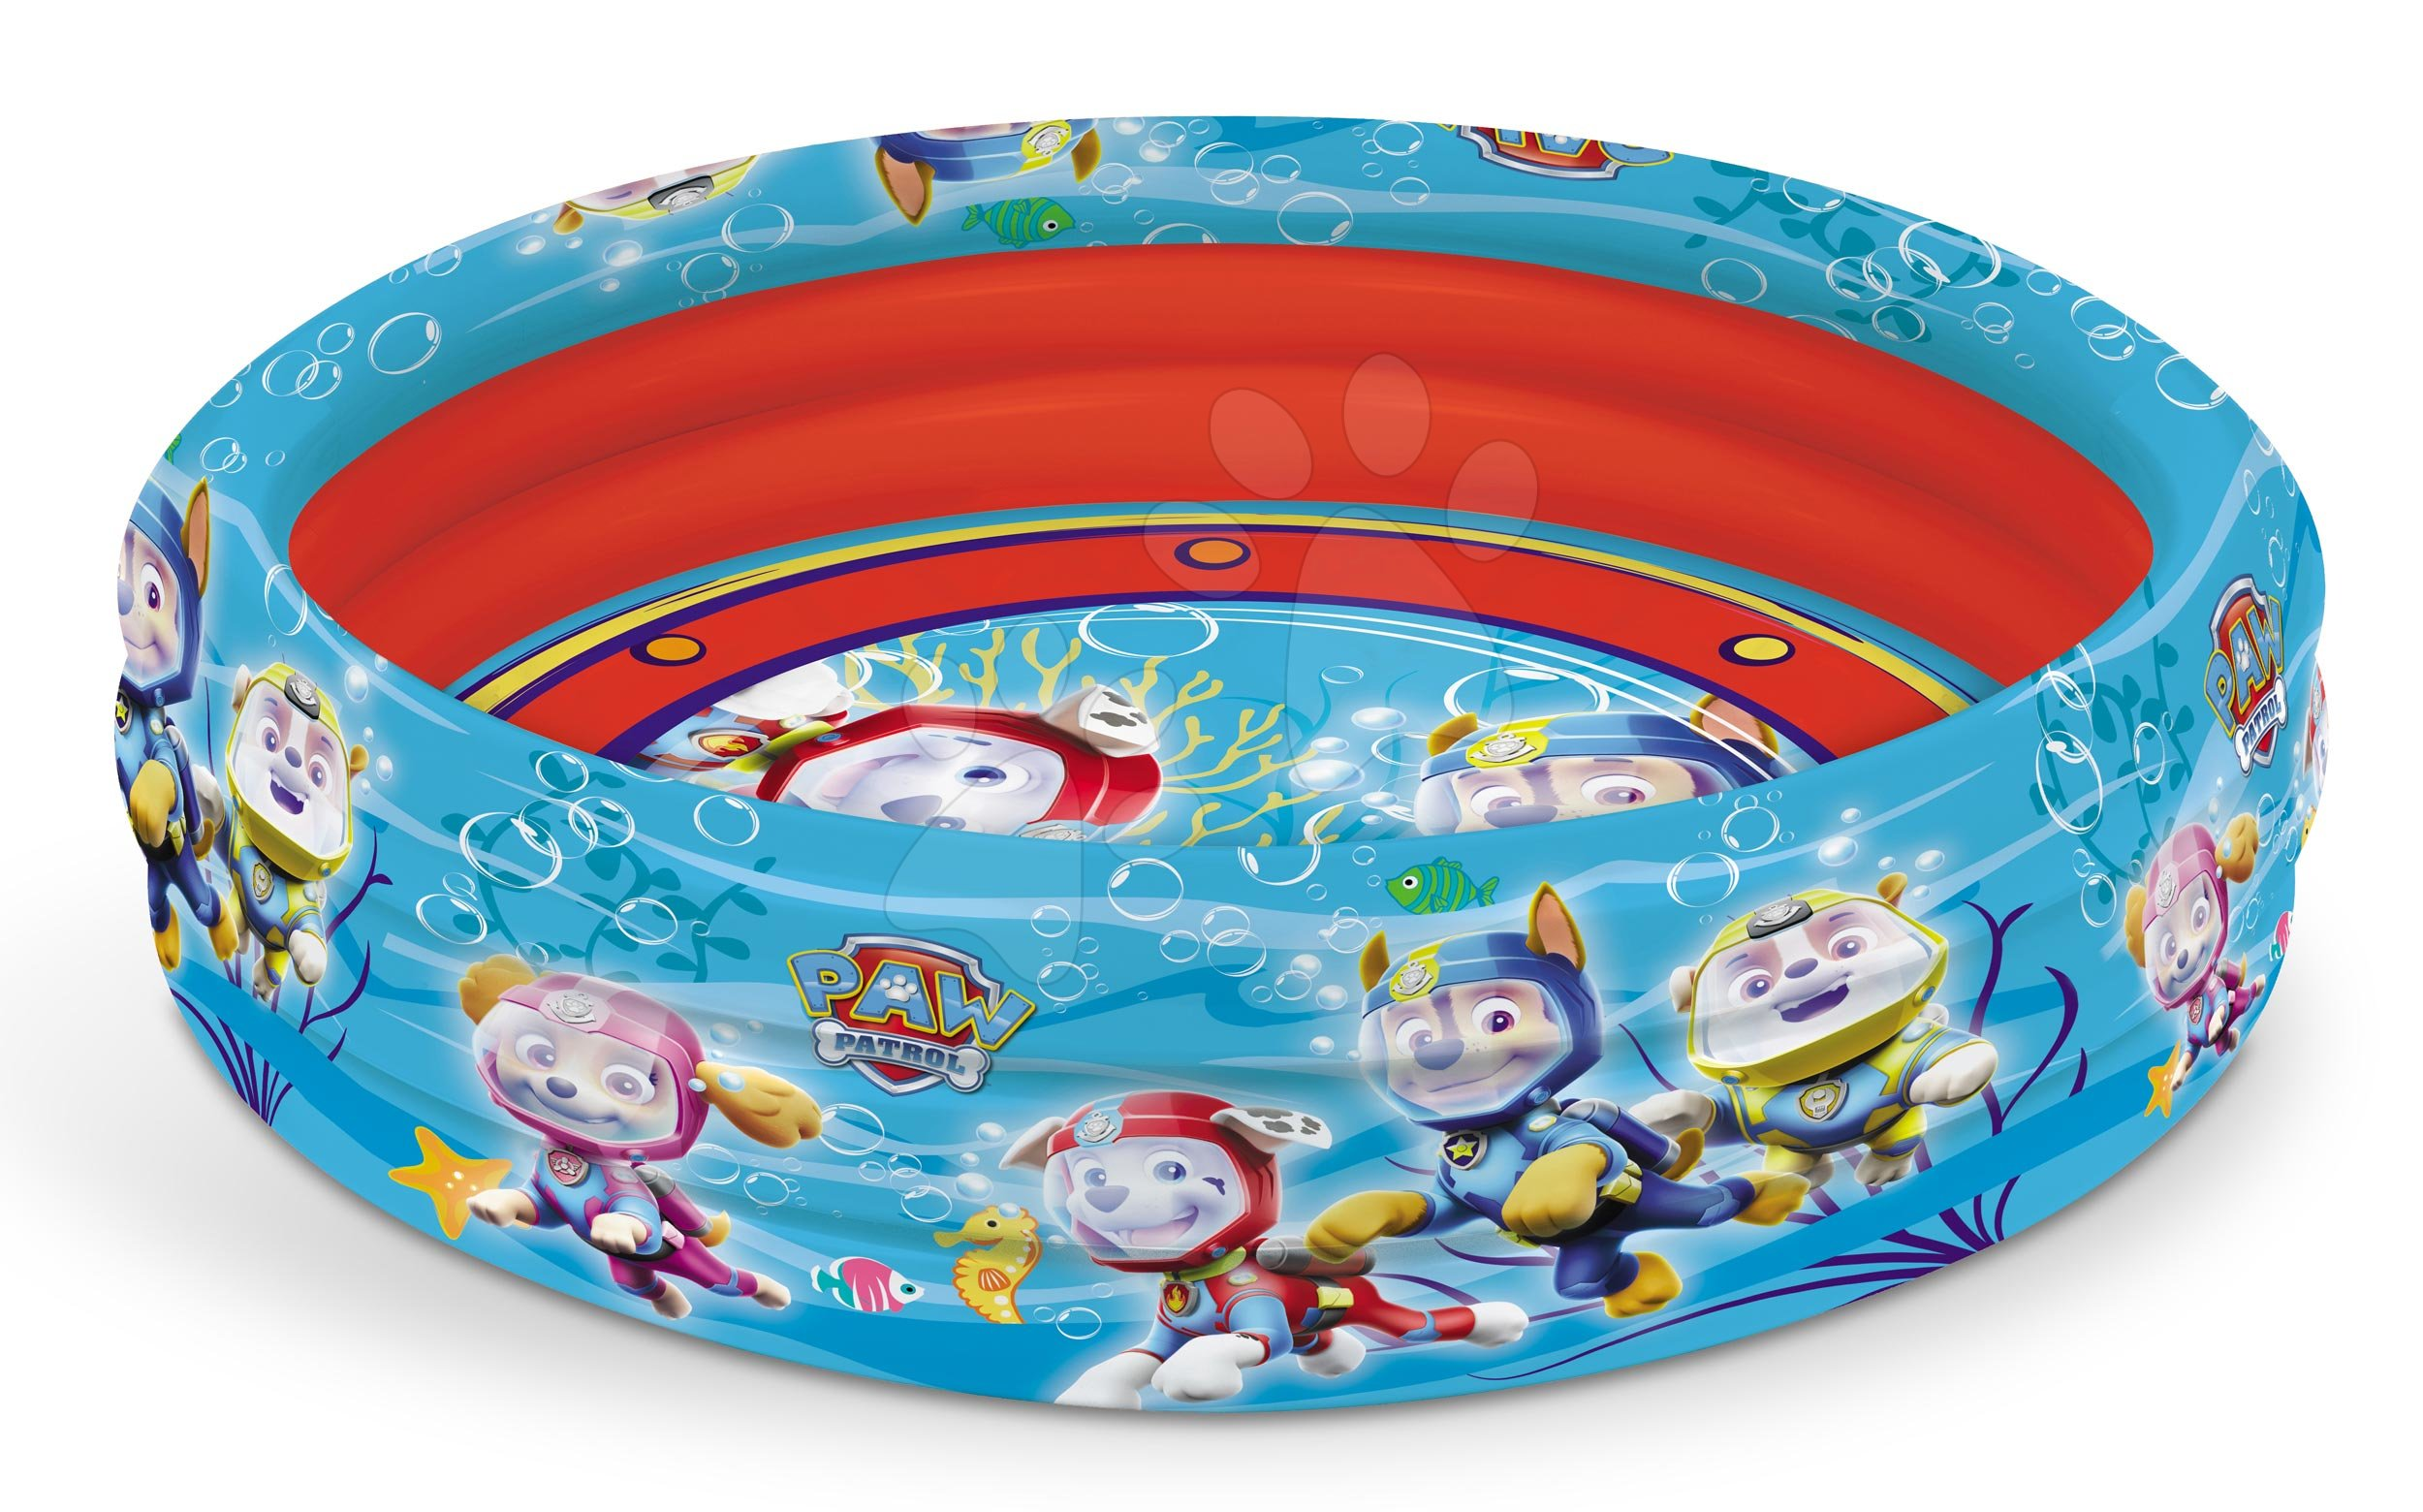 Mondo detský nafukovací bazén Paw Patrol trojkomorový 100 cm priemer 16632